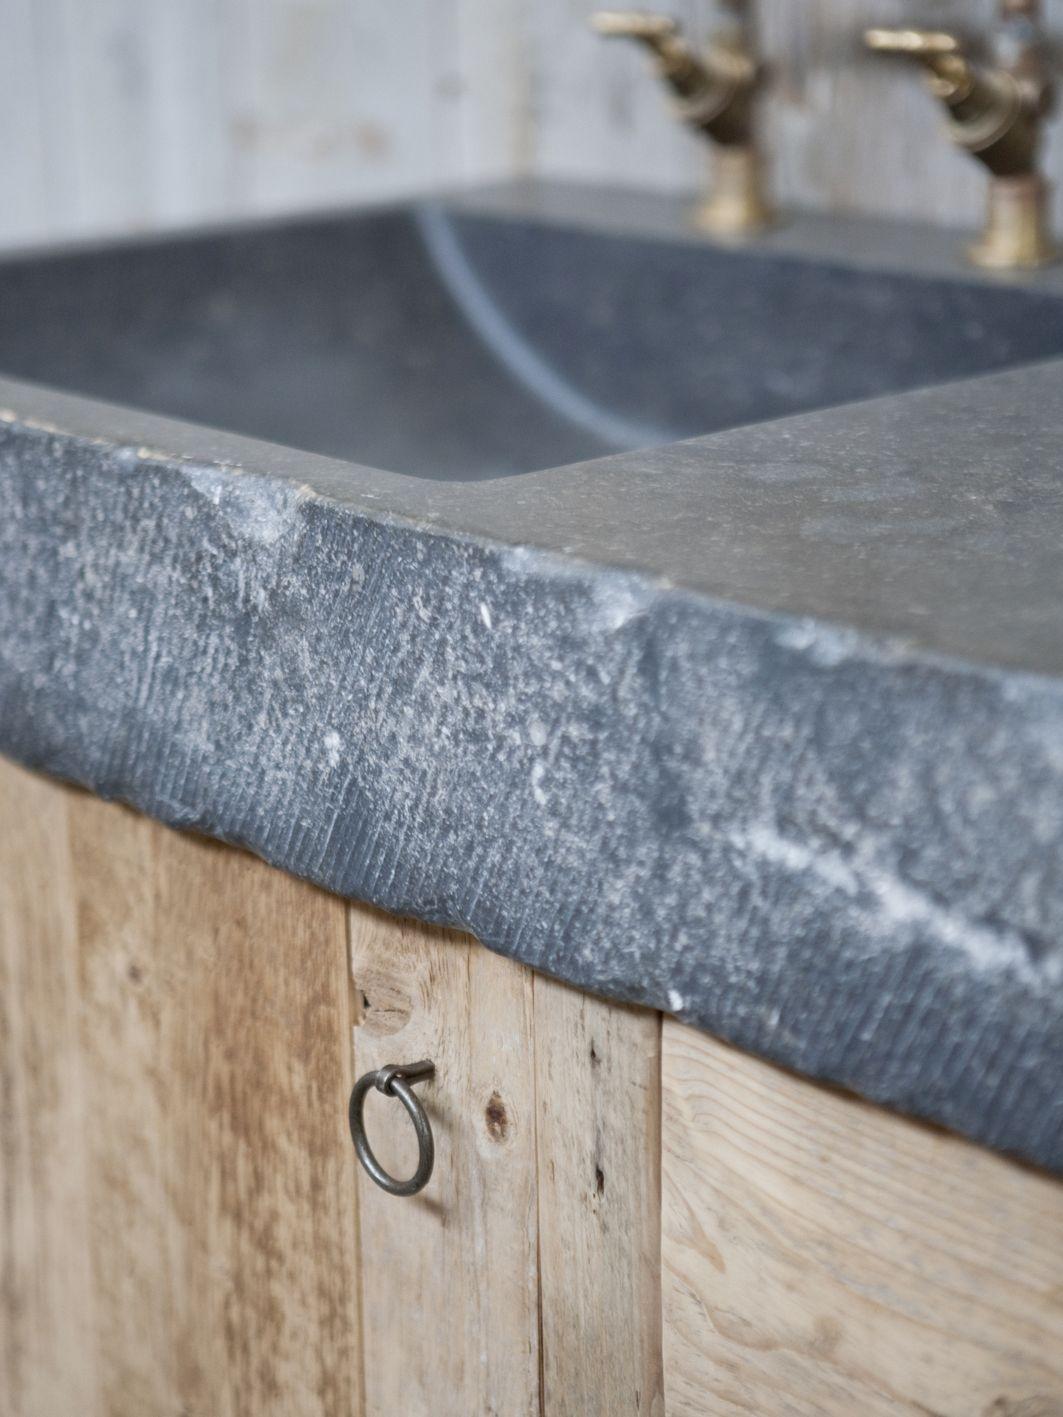 Badkamermeubels op maat bij jan van ijken oude bouwmaterialen in eemnes - Badkamermeubels oude stijl ...